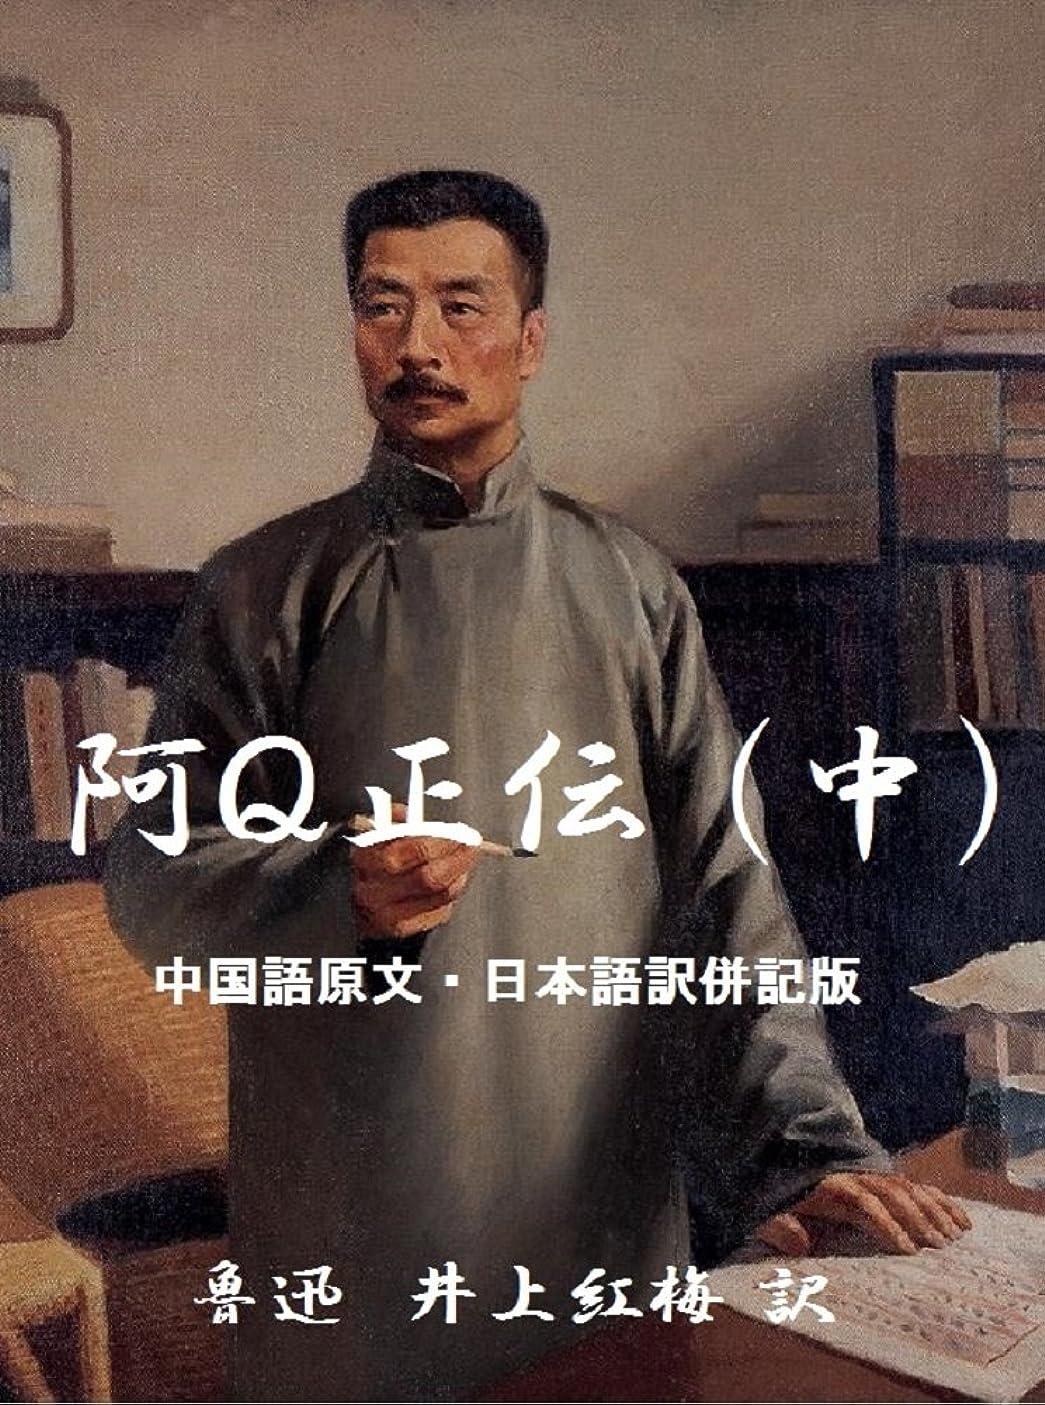 見て教科書タバコ阿Q正伝(中)- 中国語?日本語訳併記版 魯迅小説集